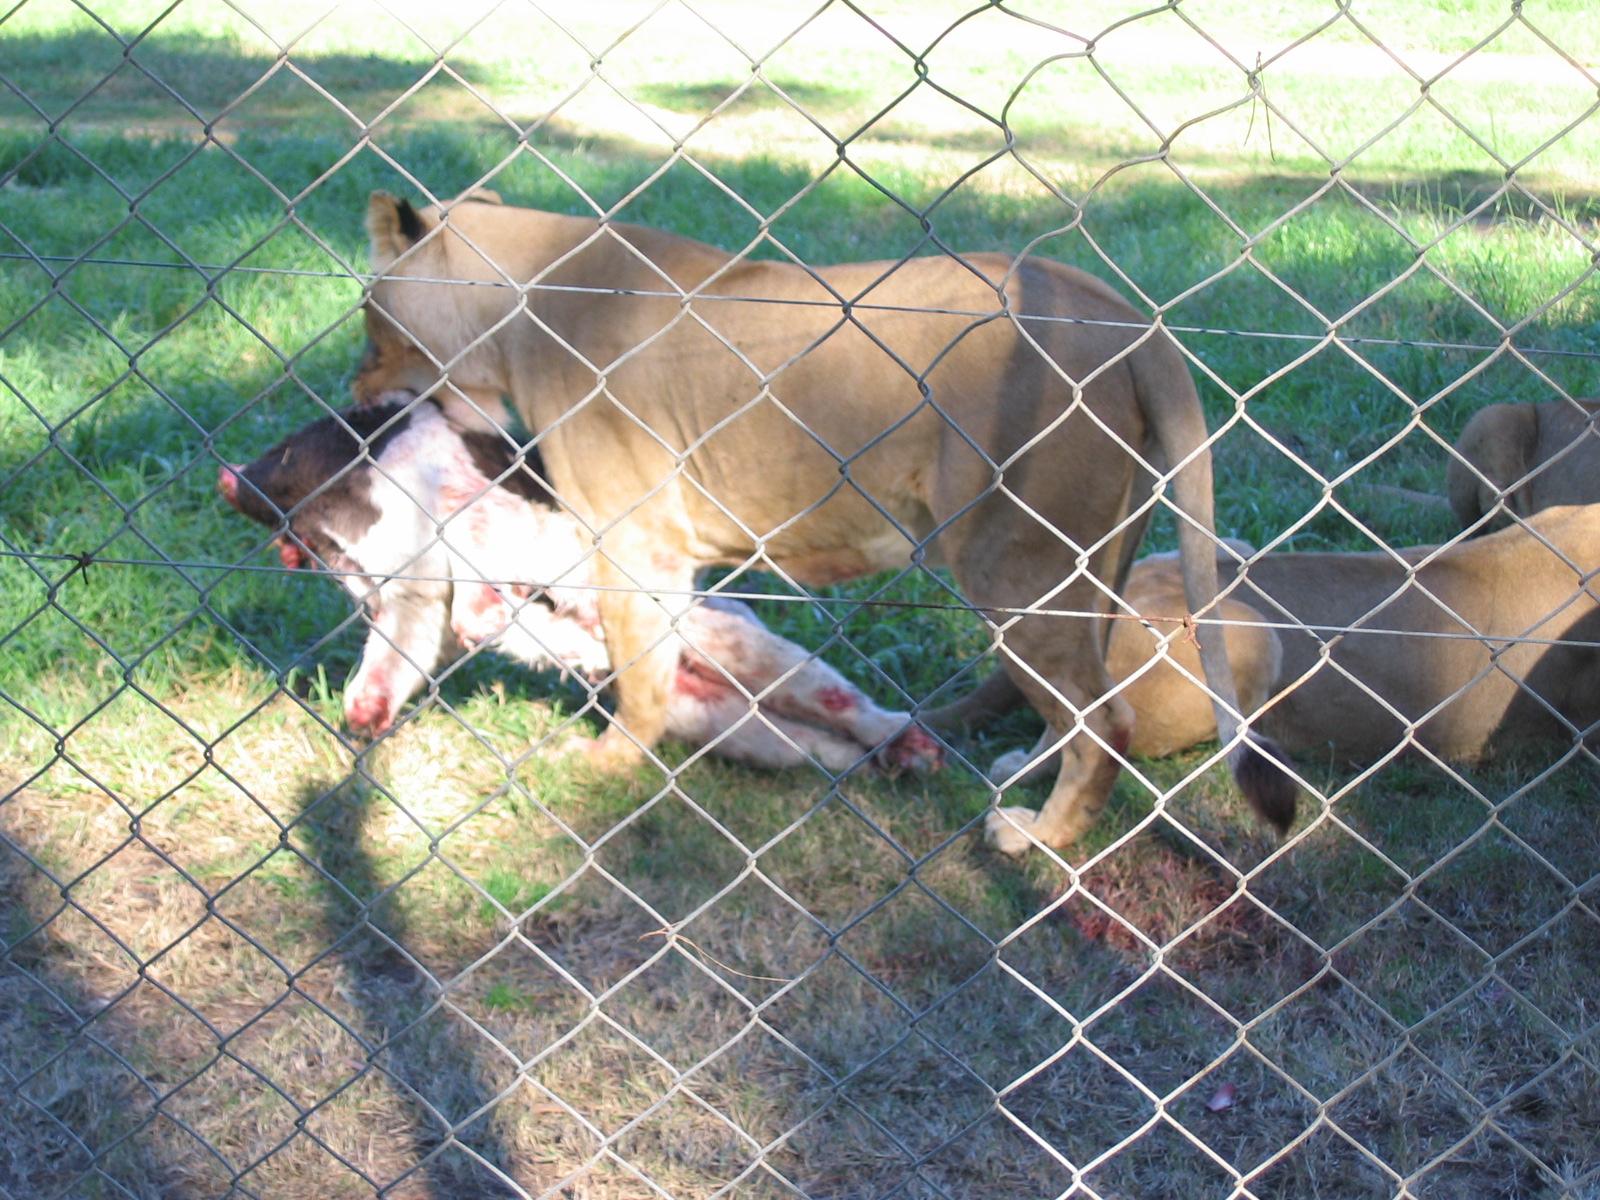 Löwenfütterung Sonntags um 12, wir waren viertel vor 12 da...